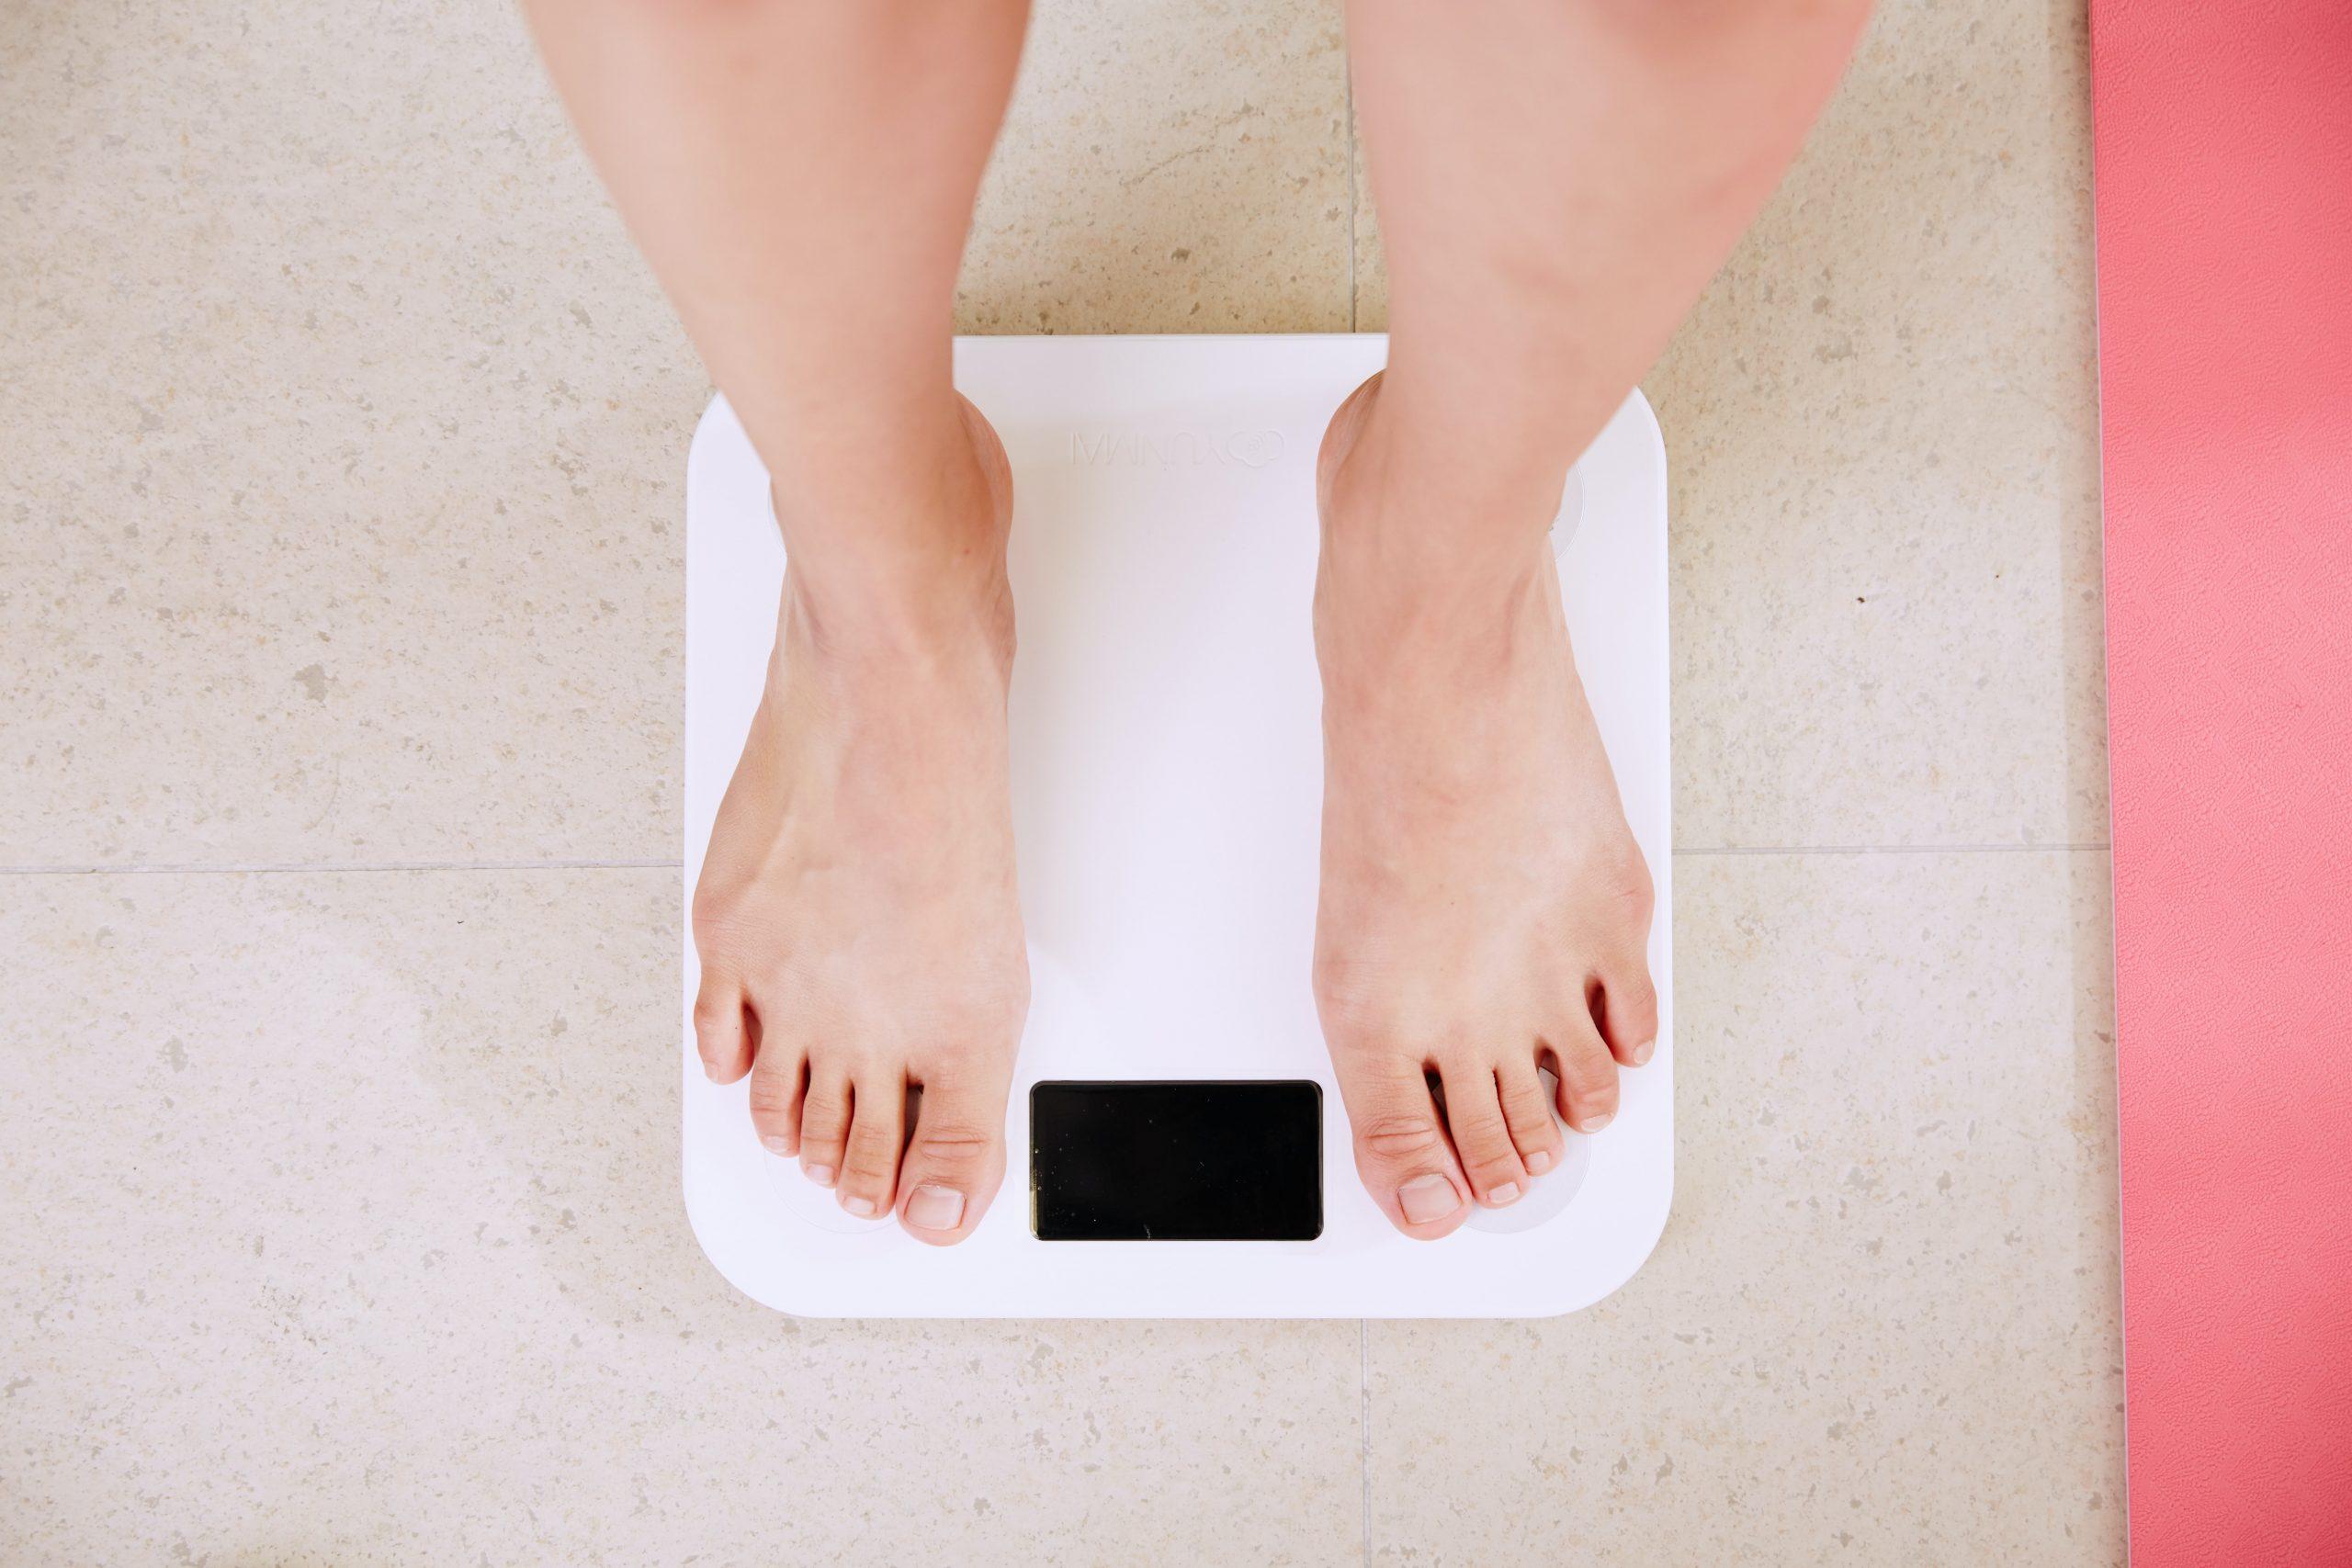 Imagem mostra pés femininos sobre uma balança.